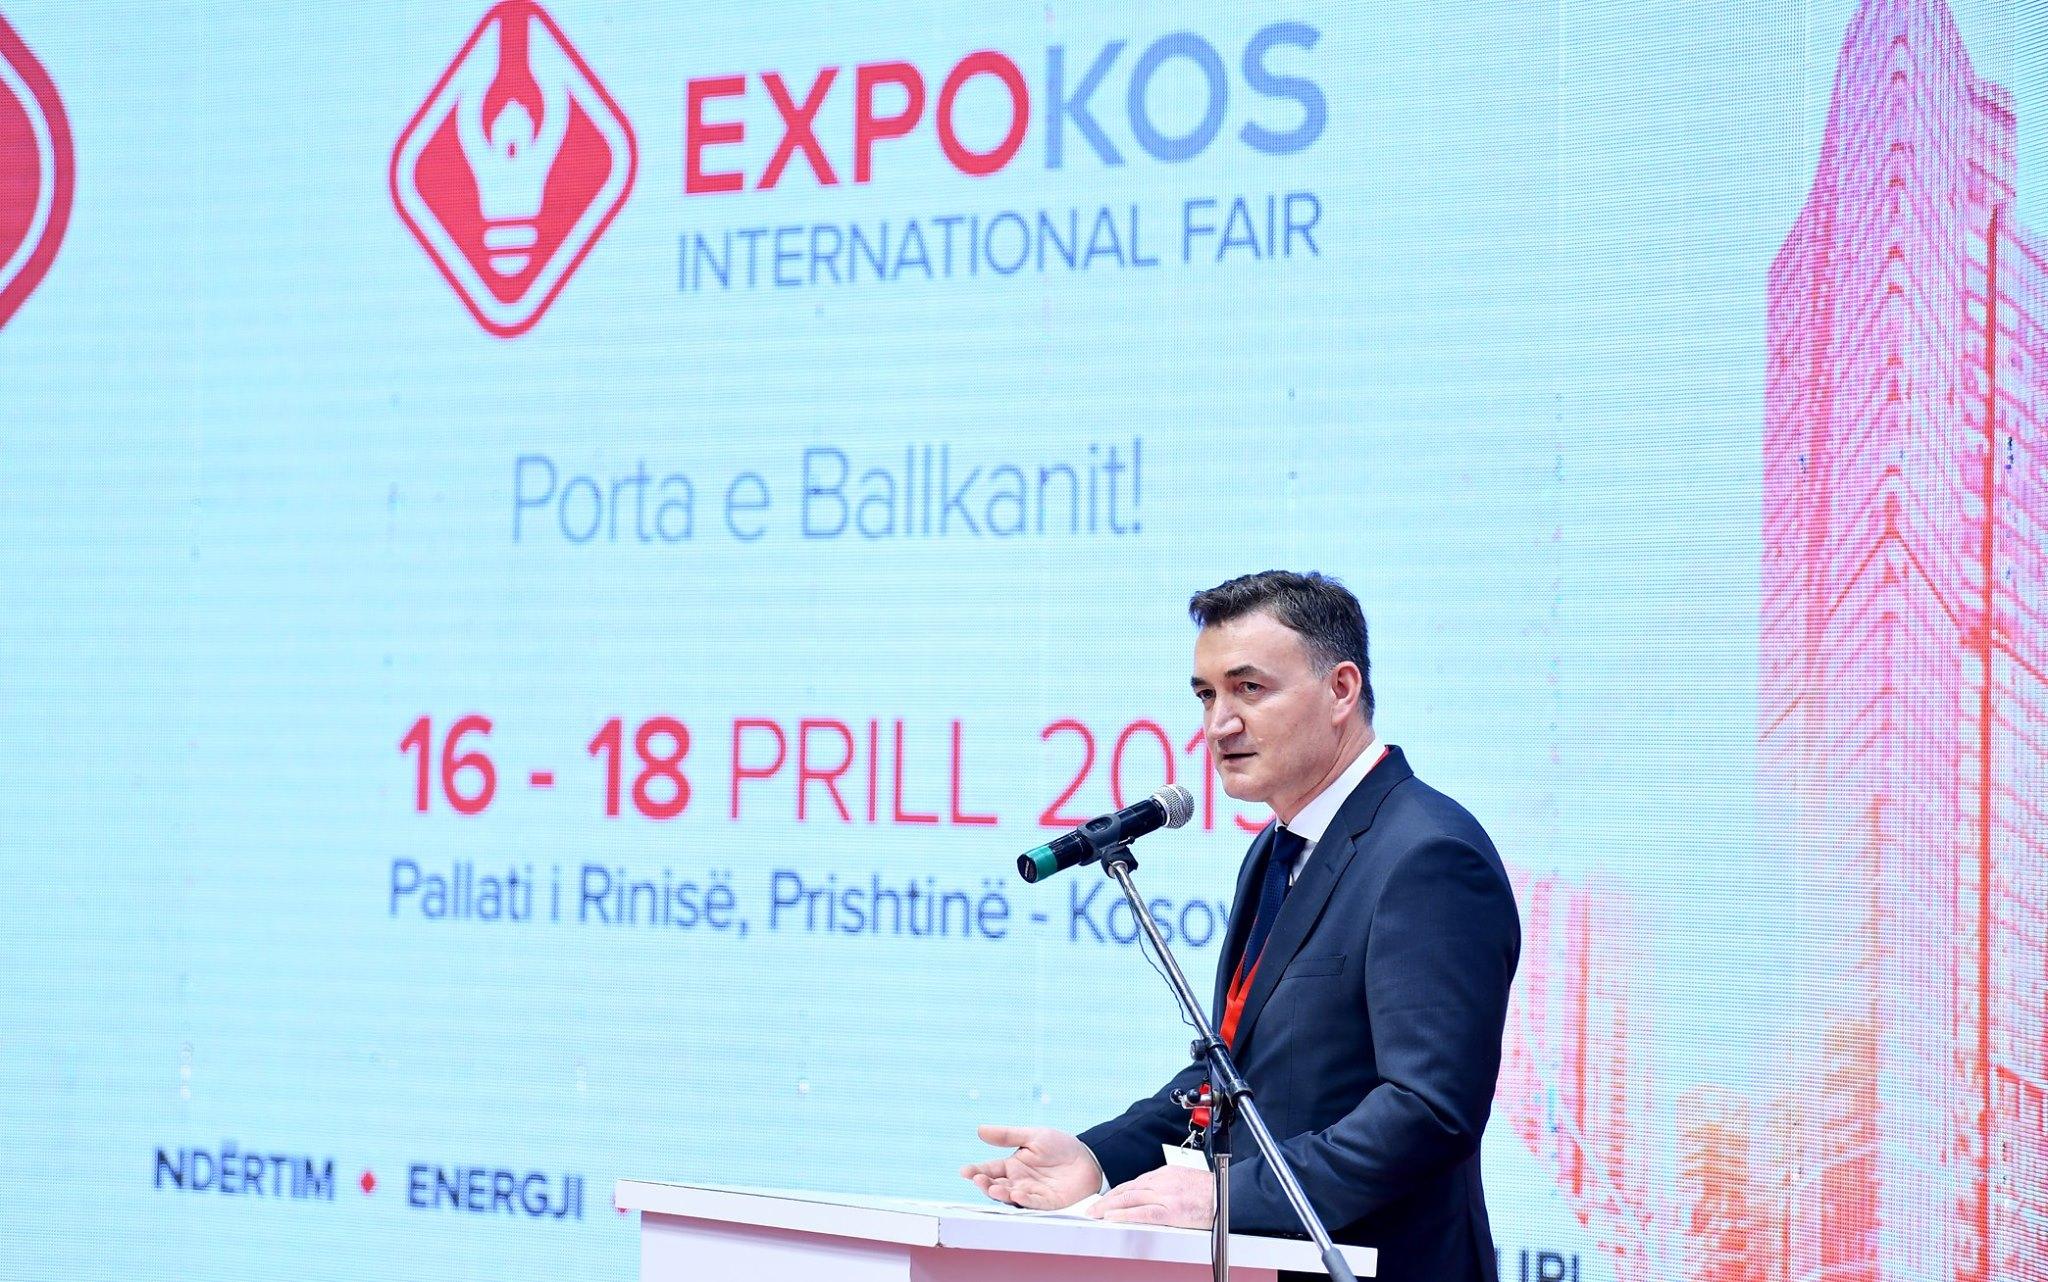 Home - ExpokosExpokos | The Balkan Gate!